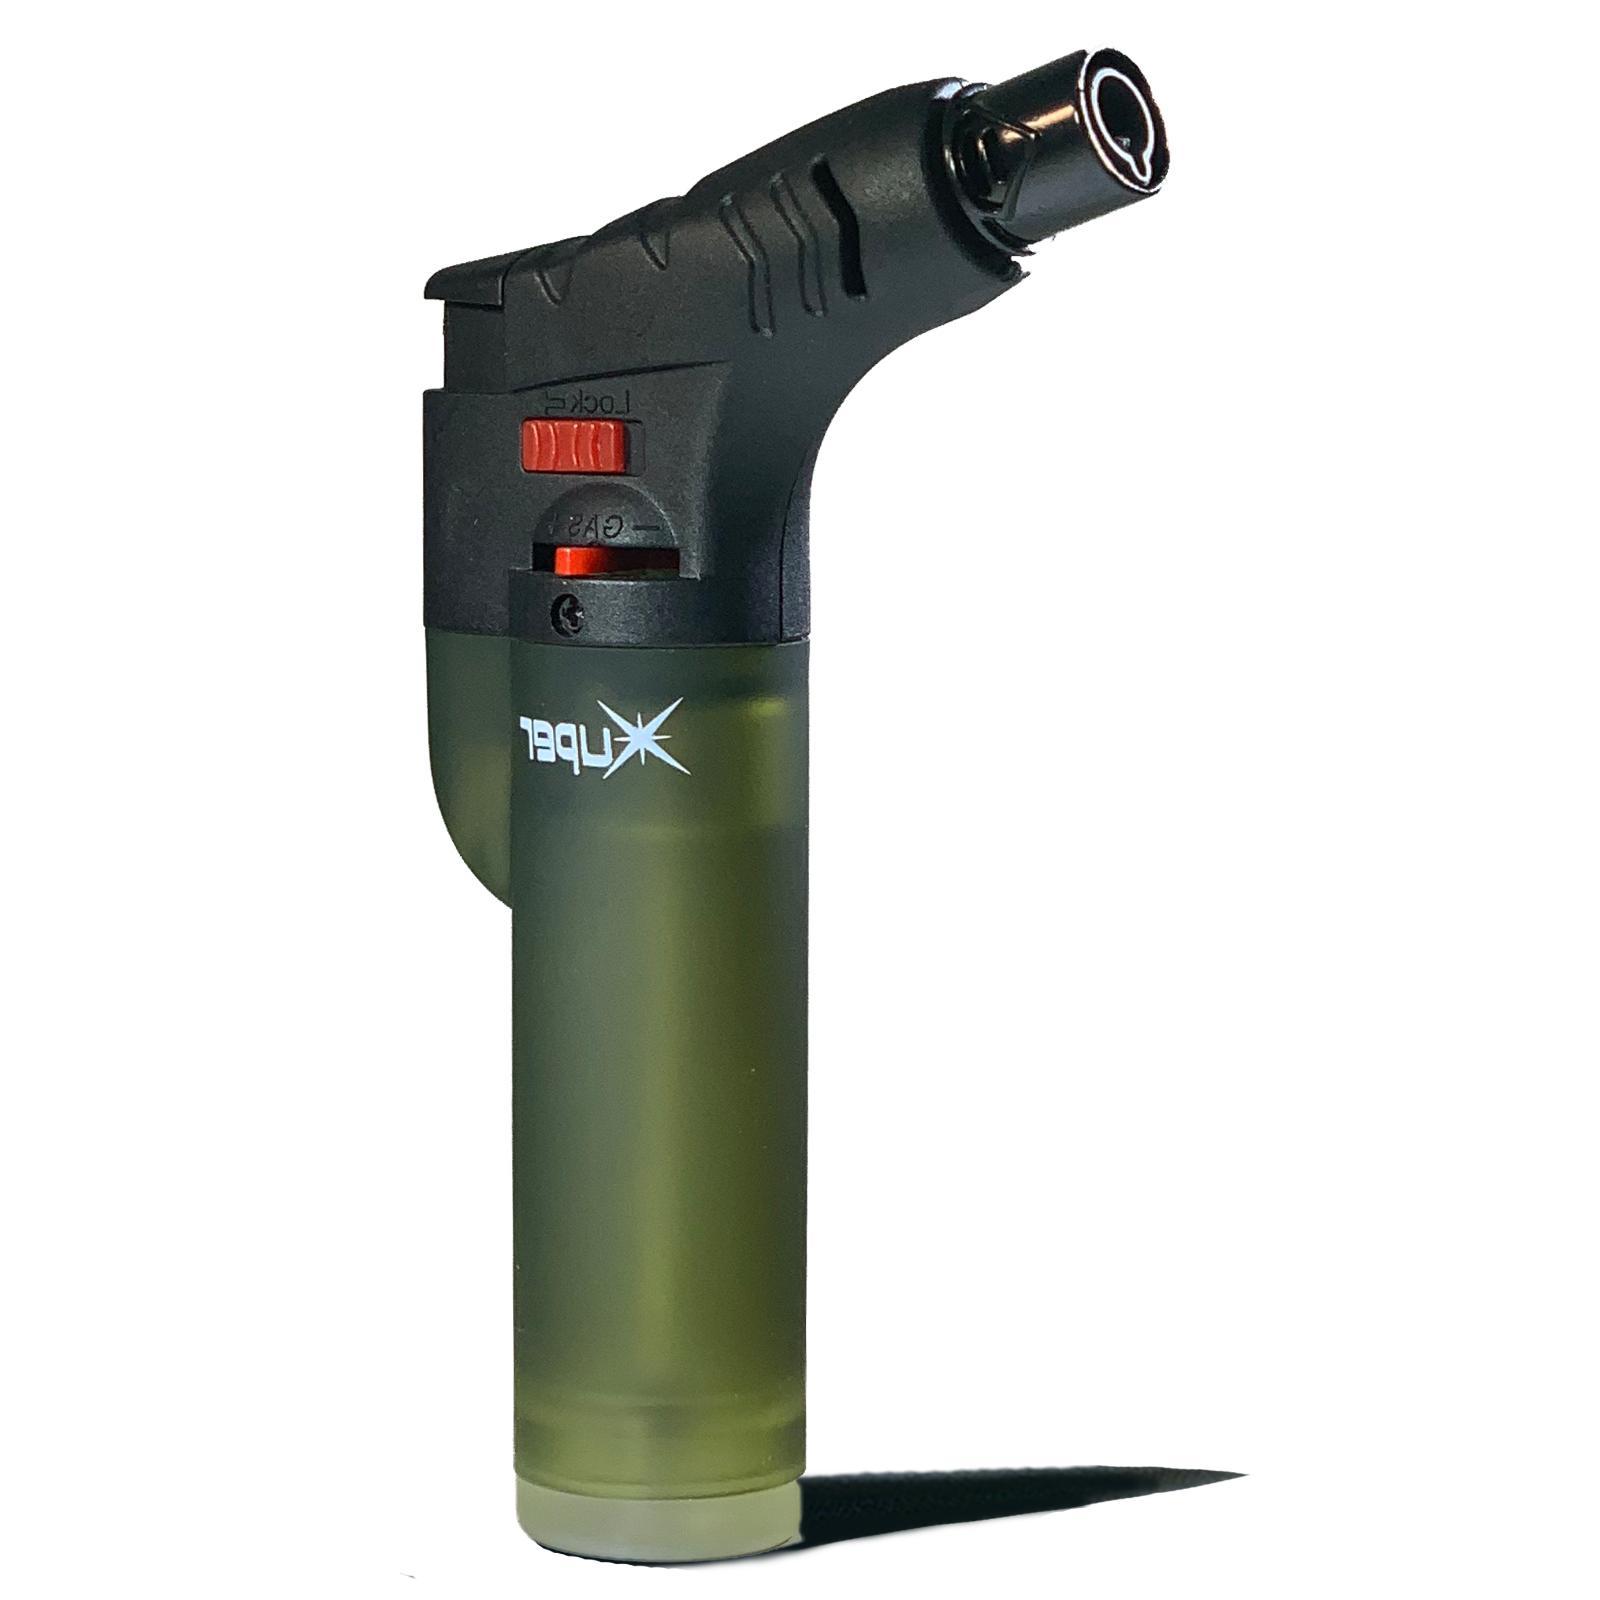 Xuper Jet Butane Lighter Flame